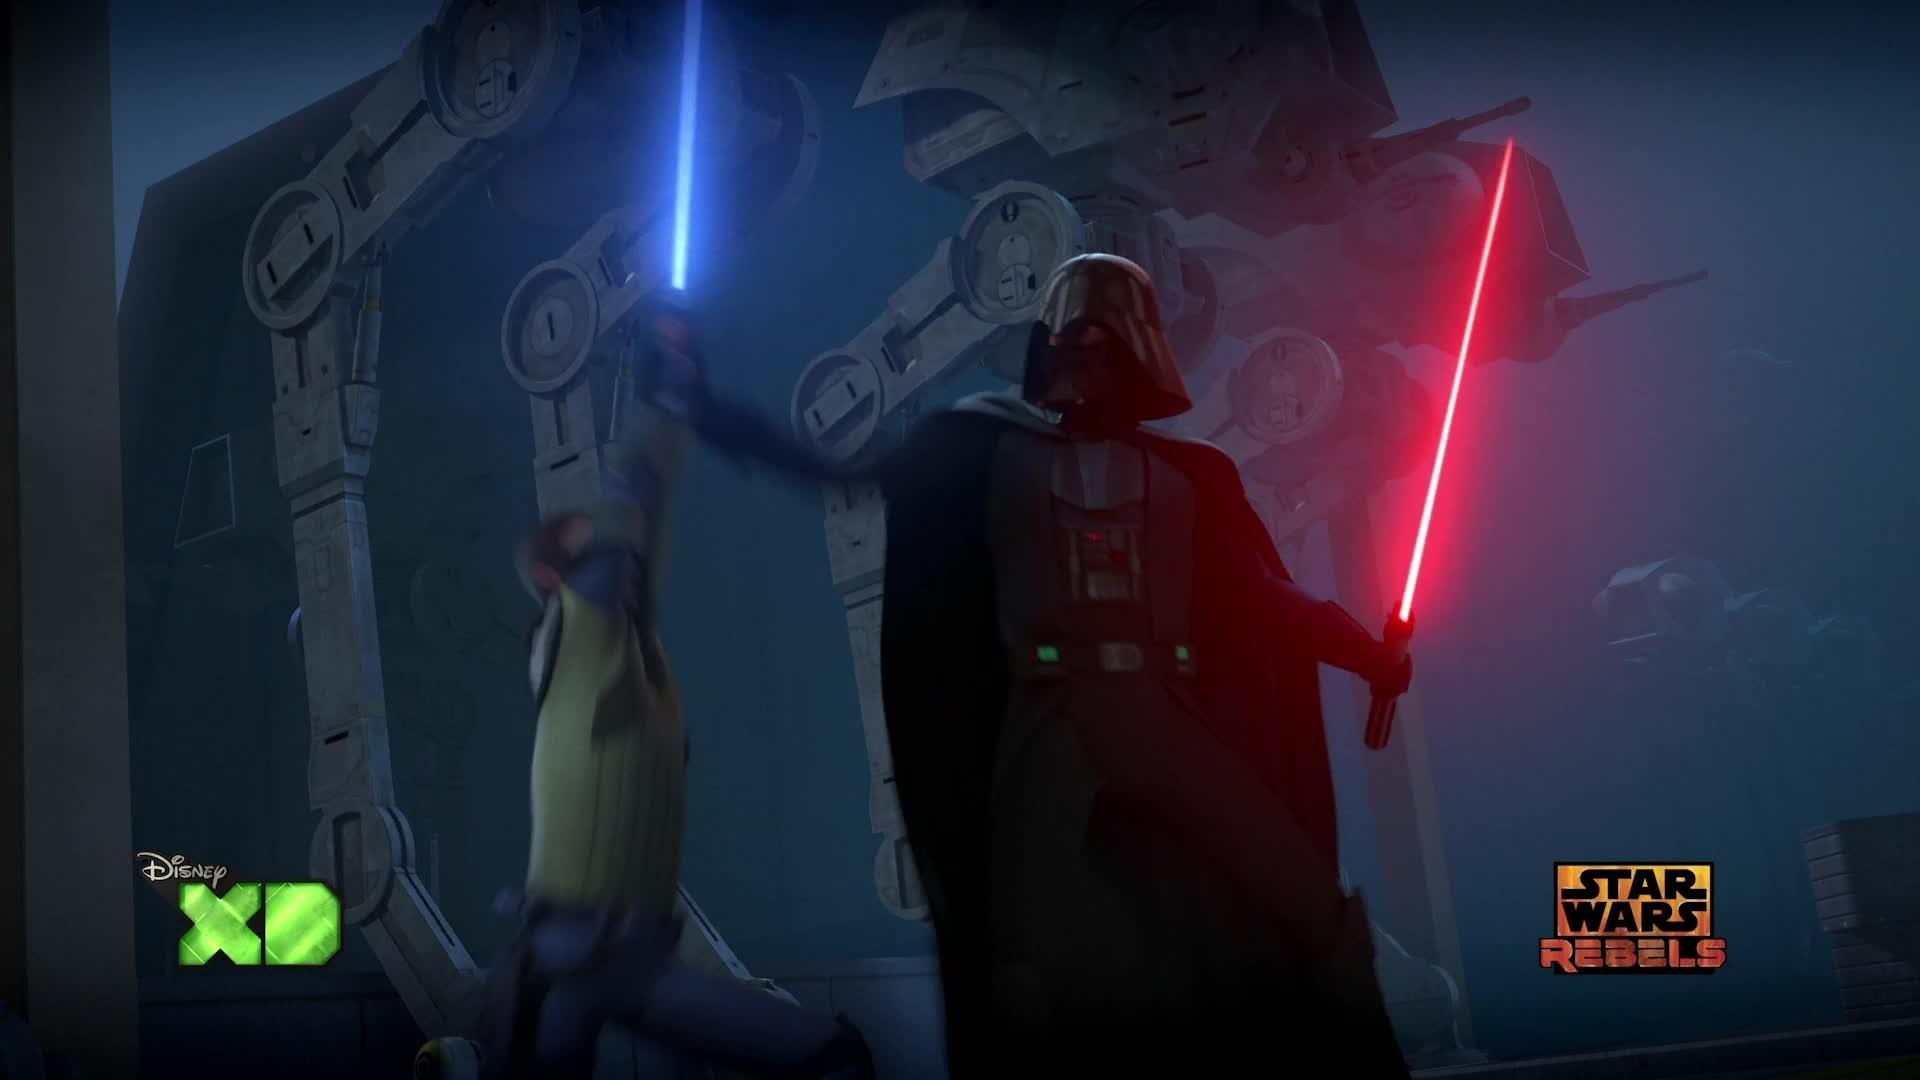 Star Wars Rebels - La Bande Annonce de la Saison 2